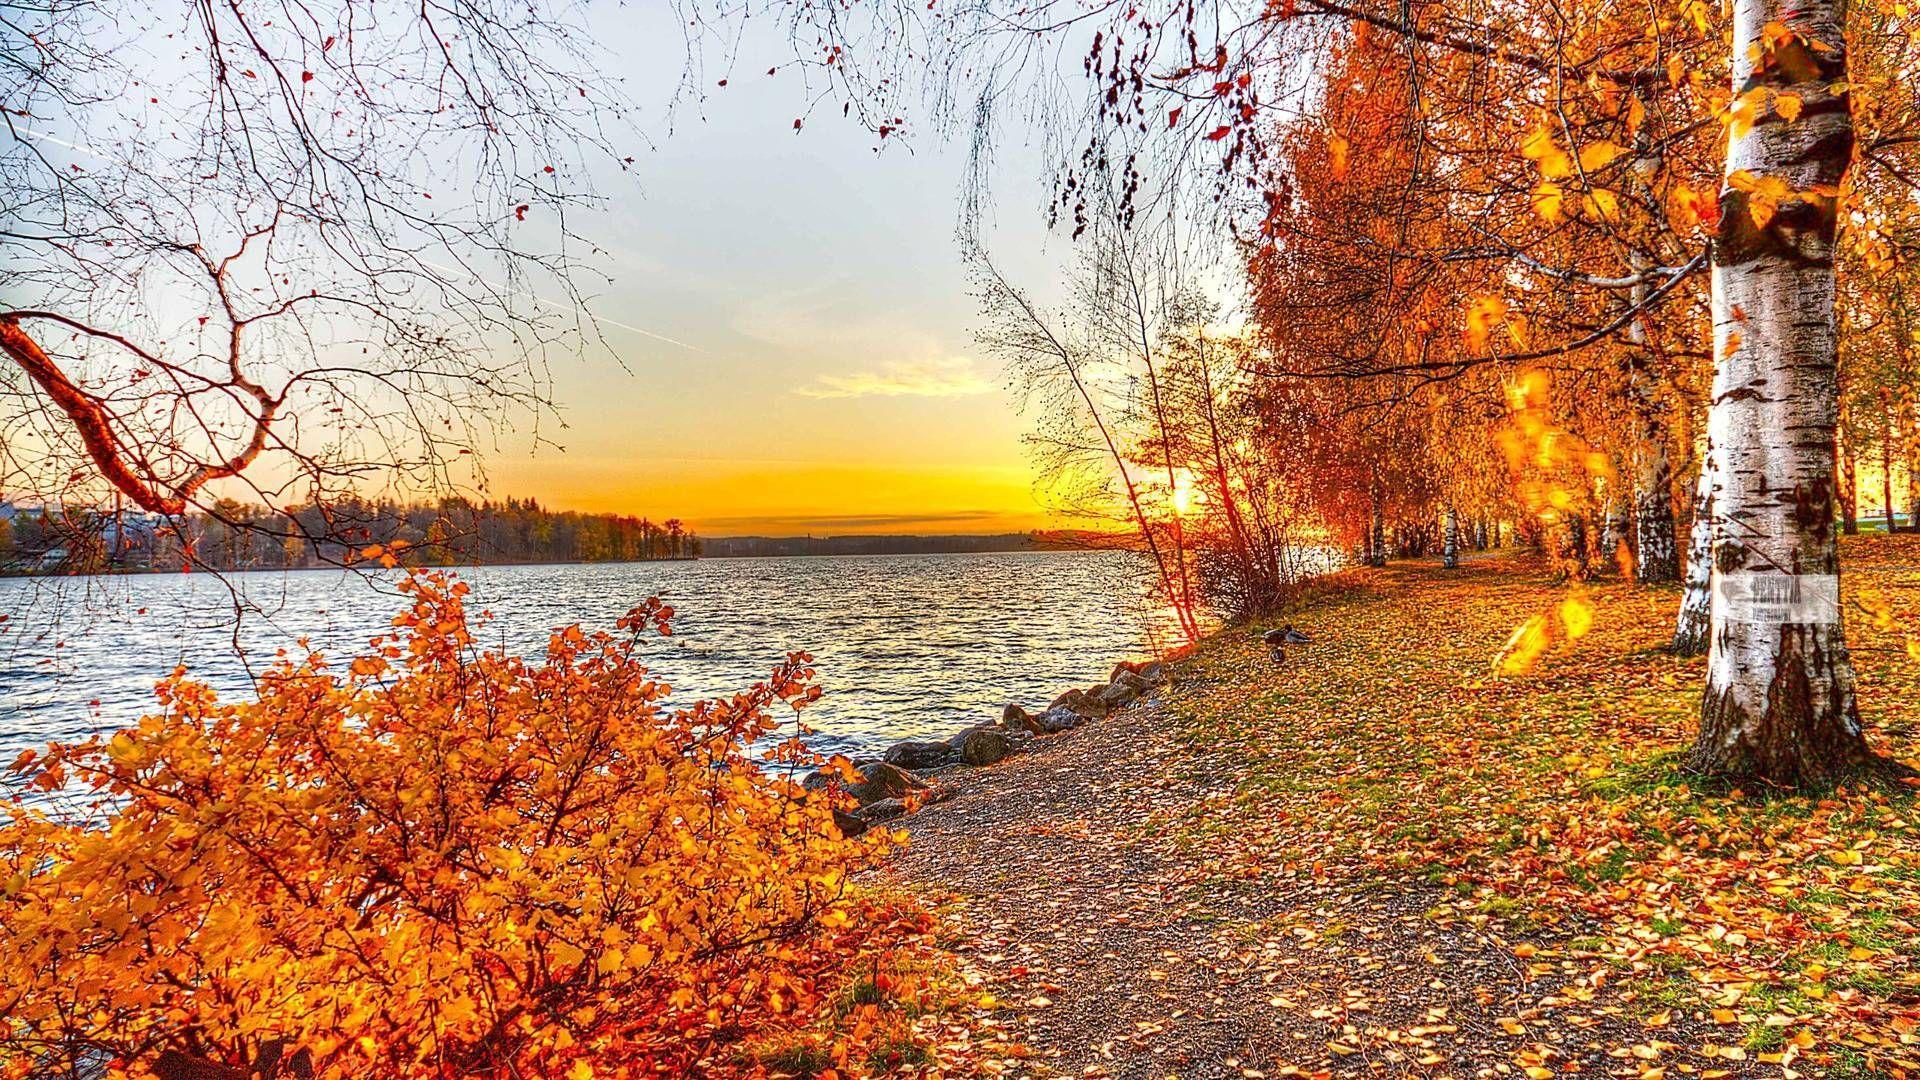 Autumn Landscape Wallpapers Top Free Autumn Landscape